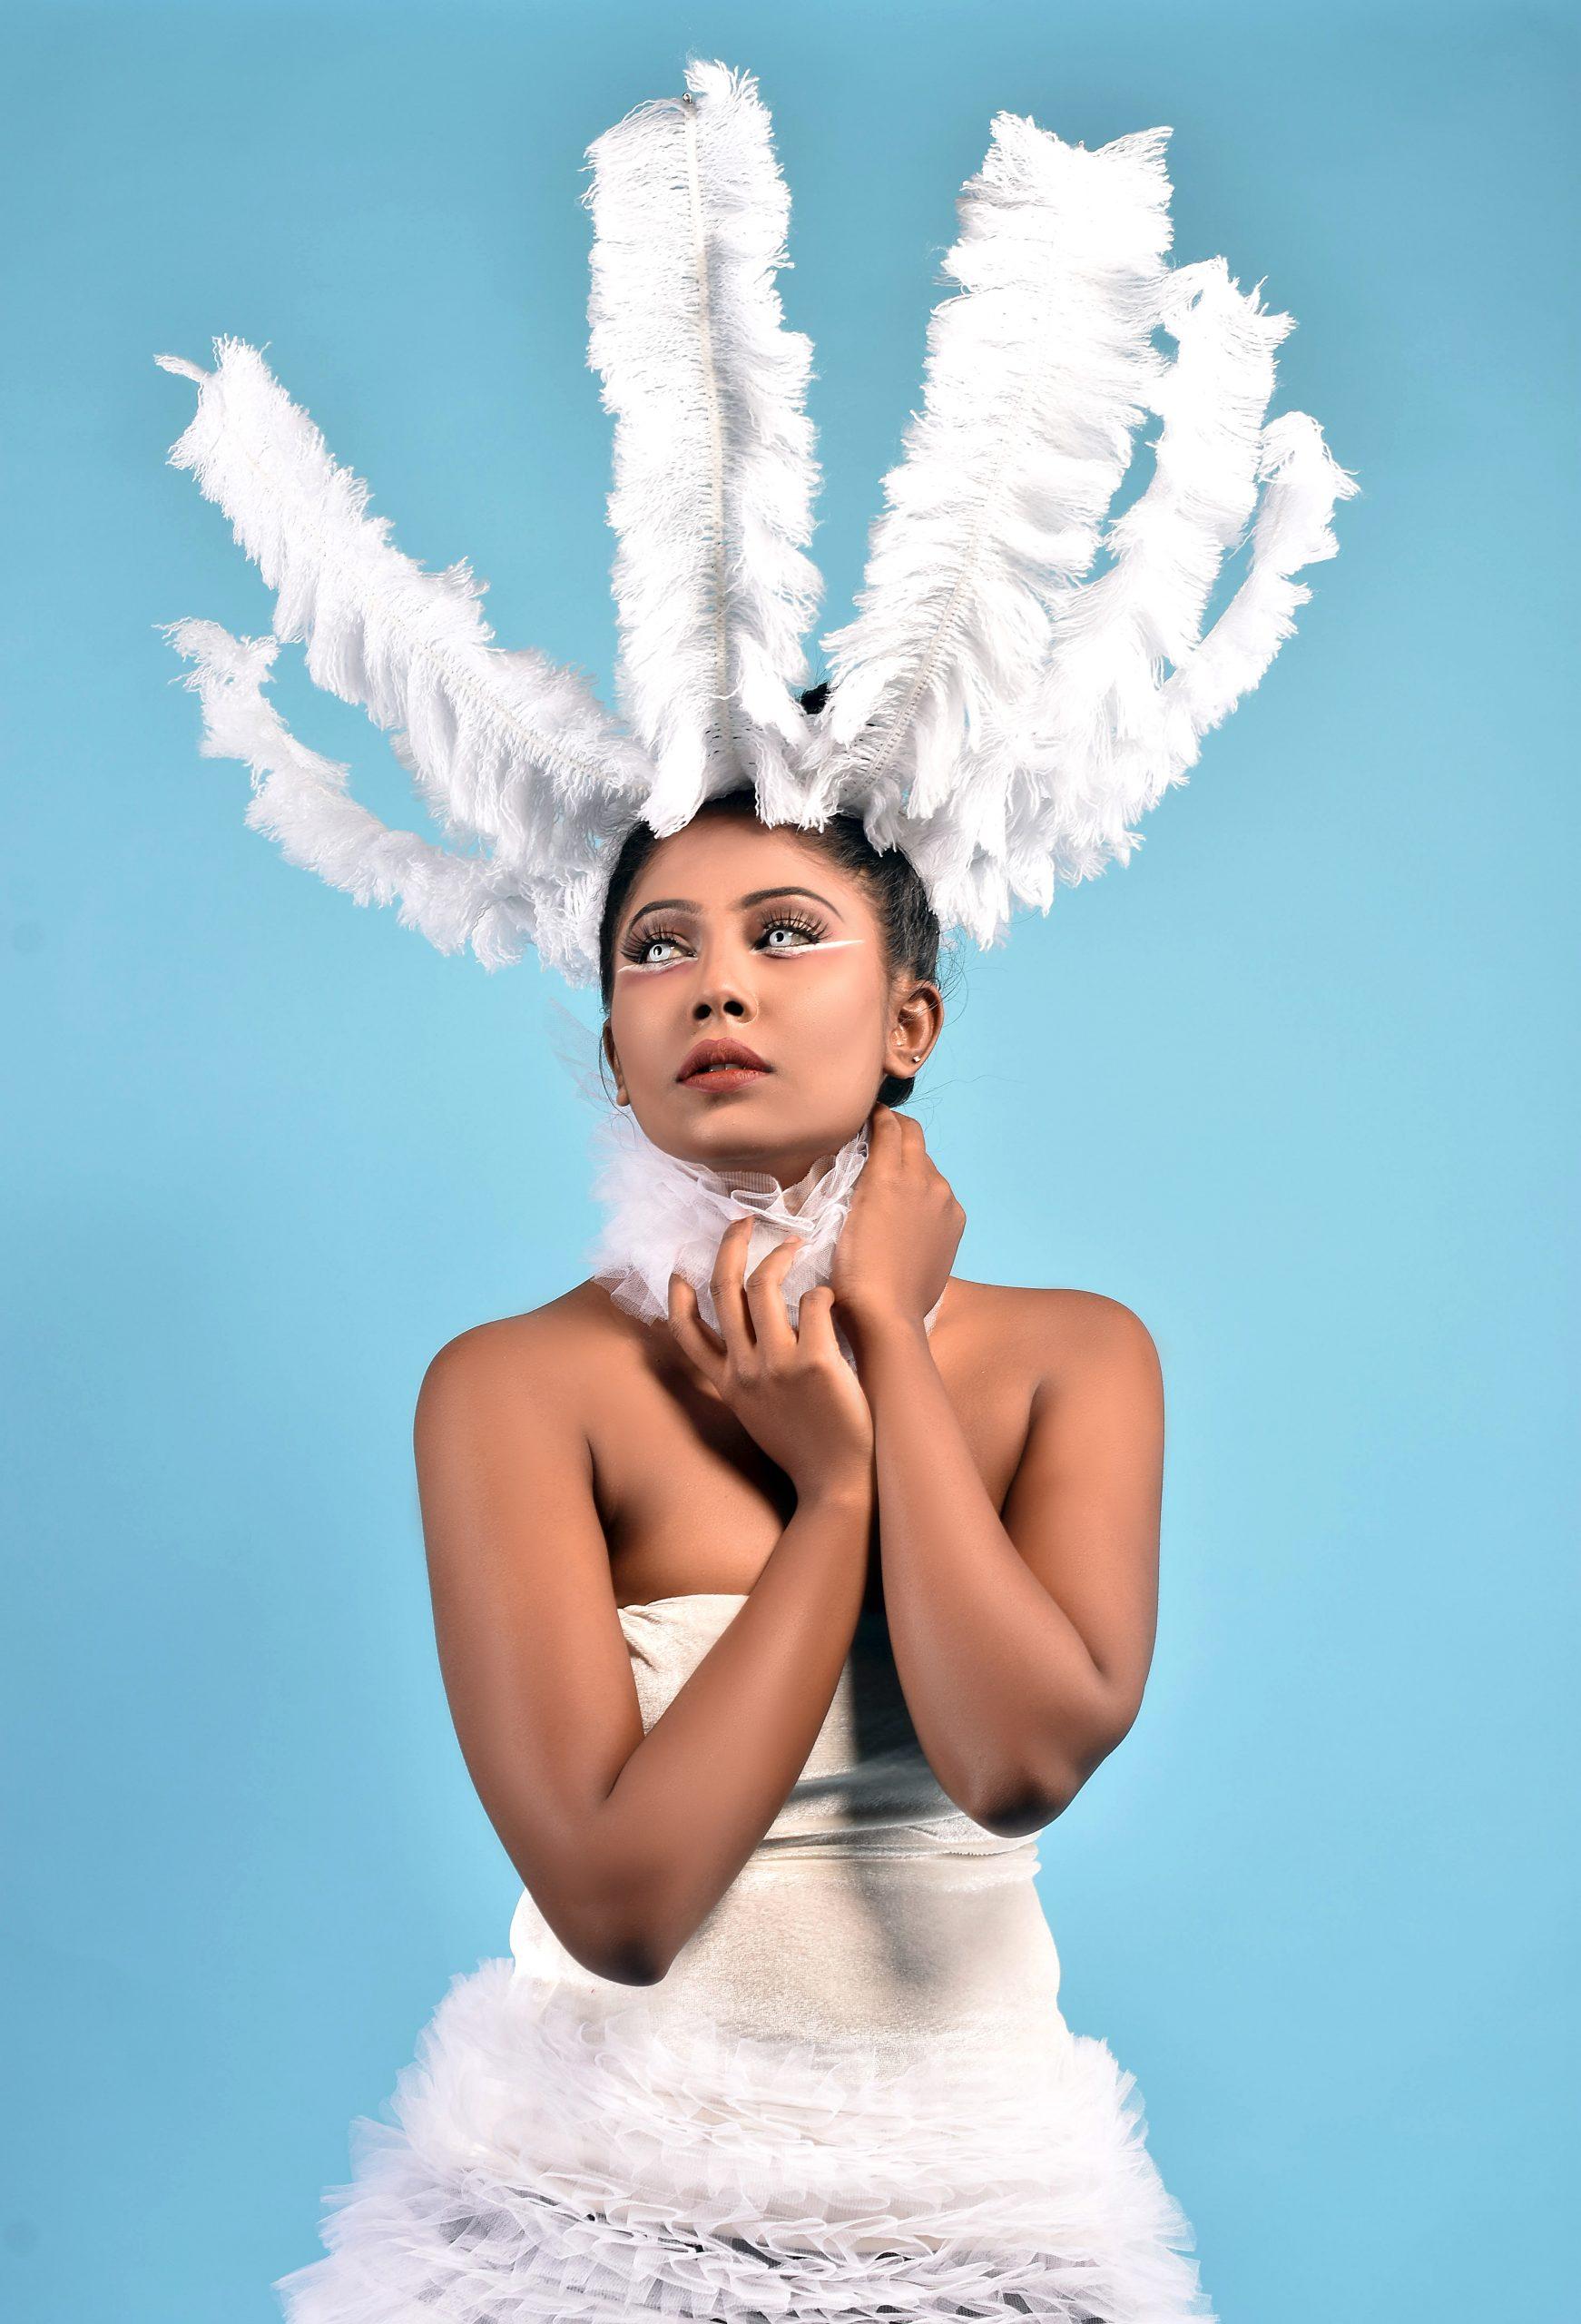 Portrait of a model in white dress